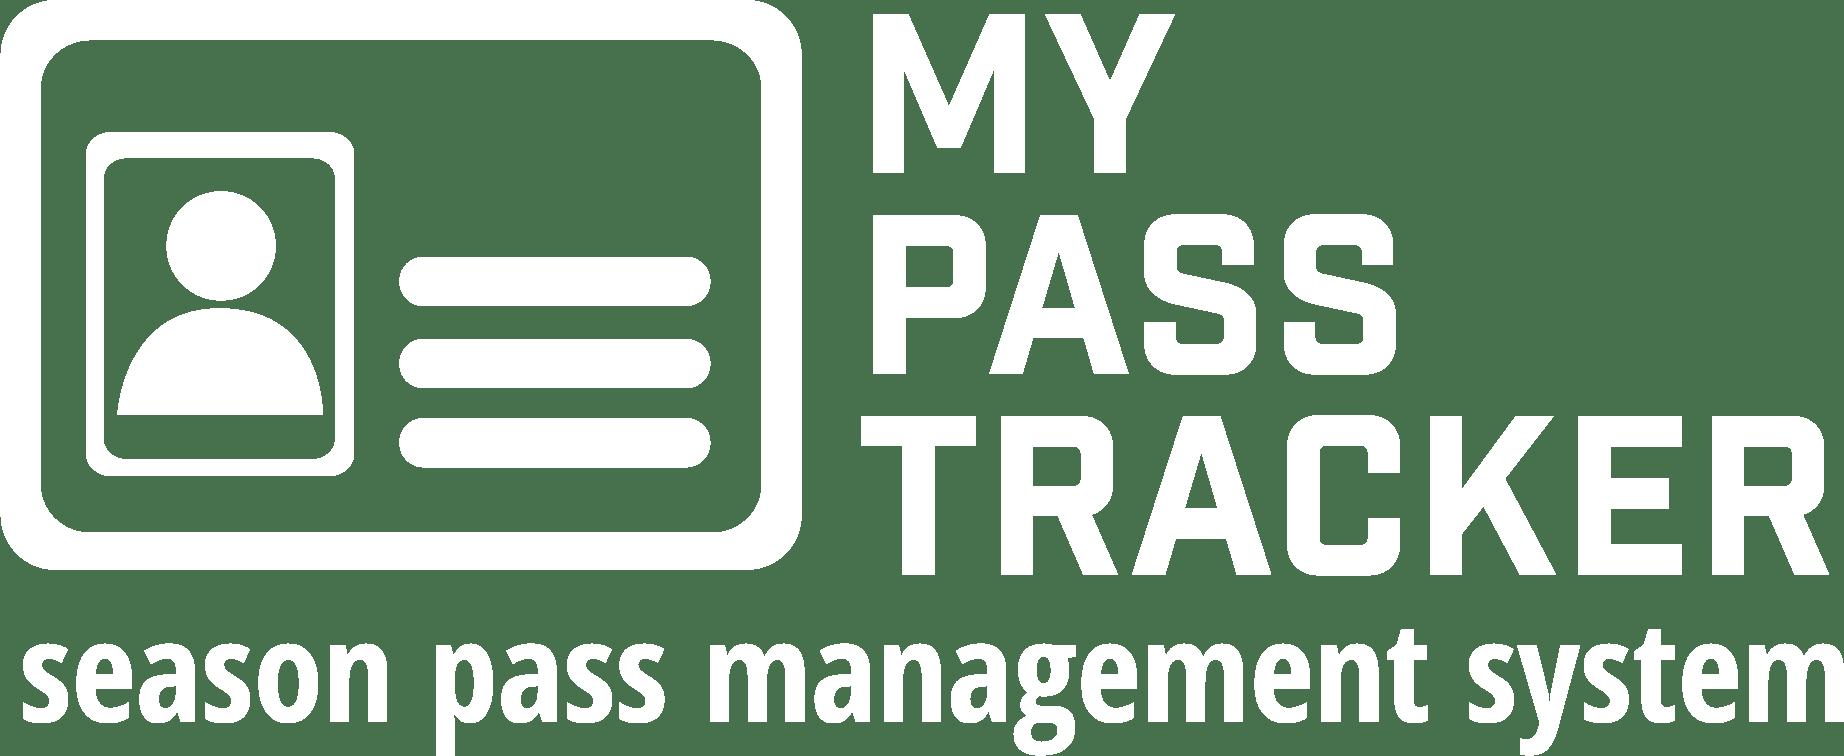 My Pass Tracker